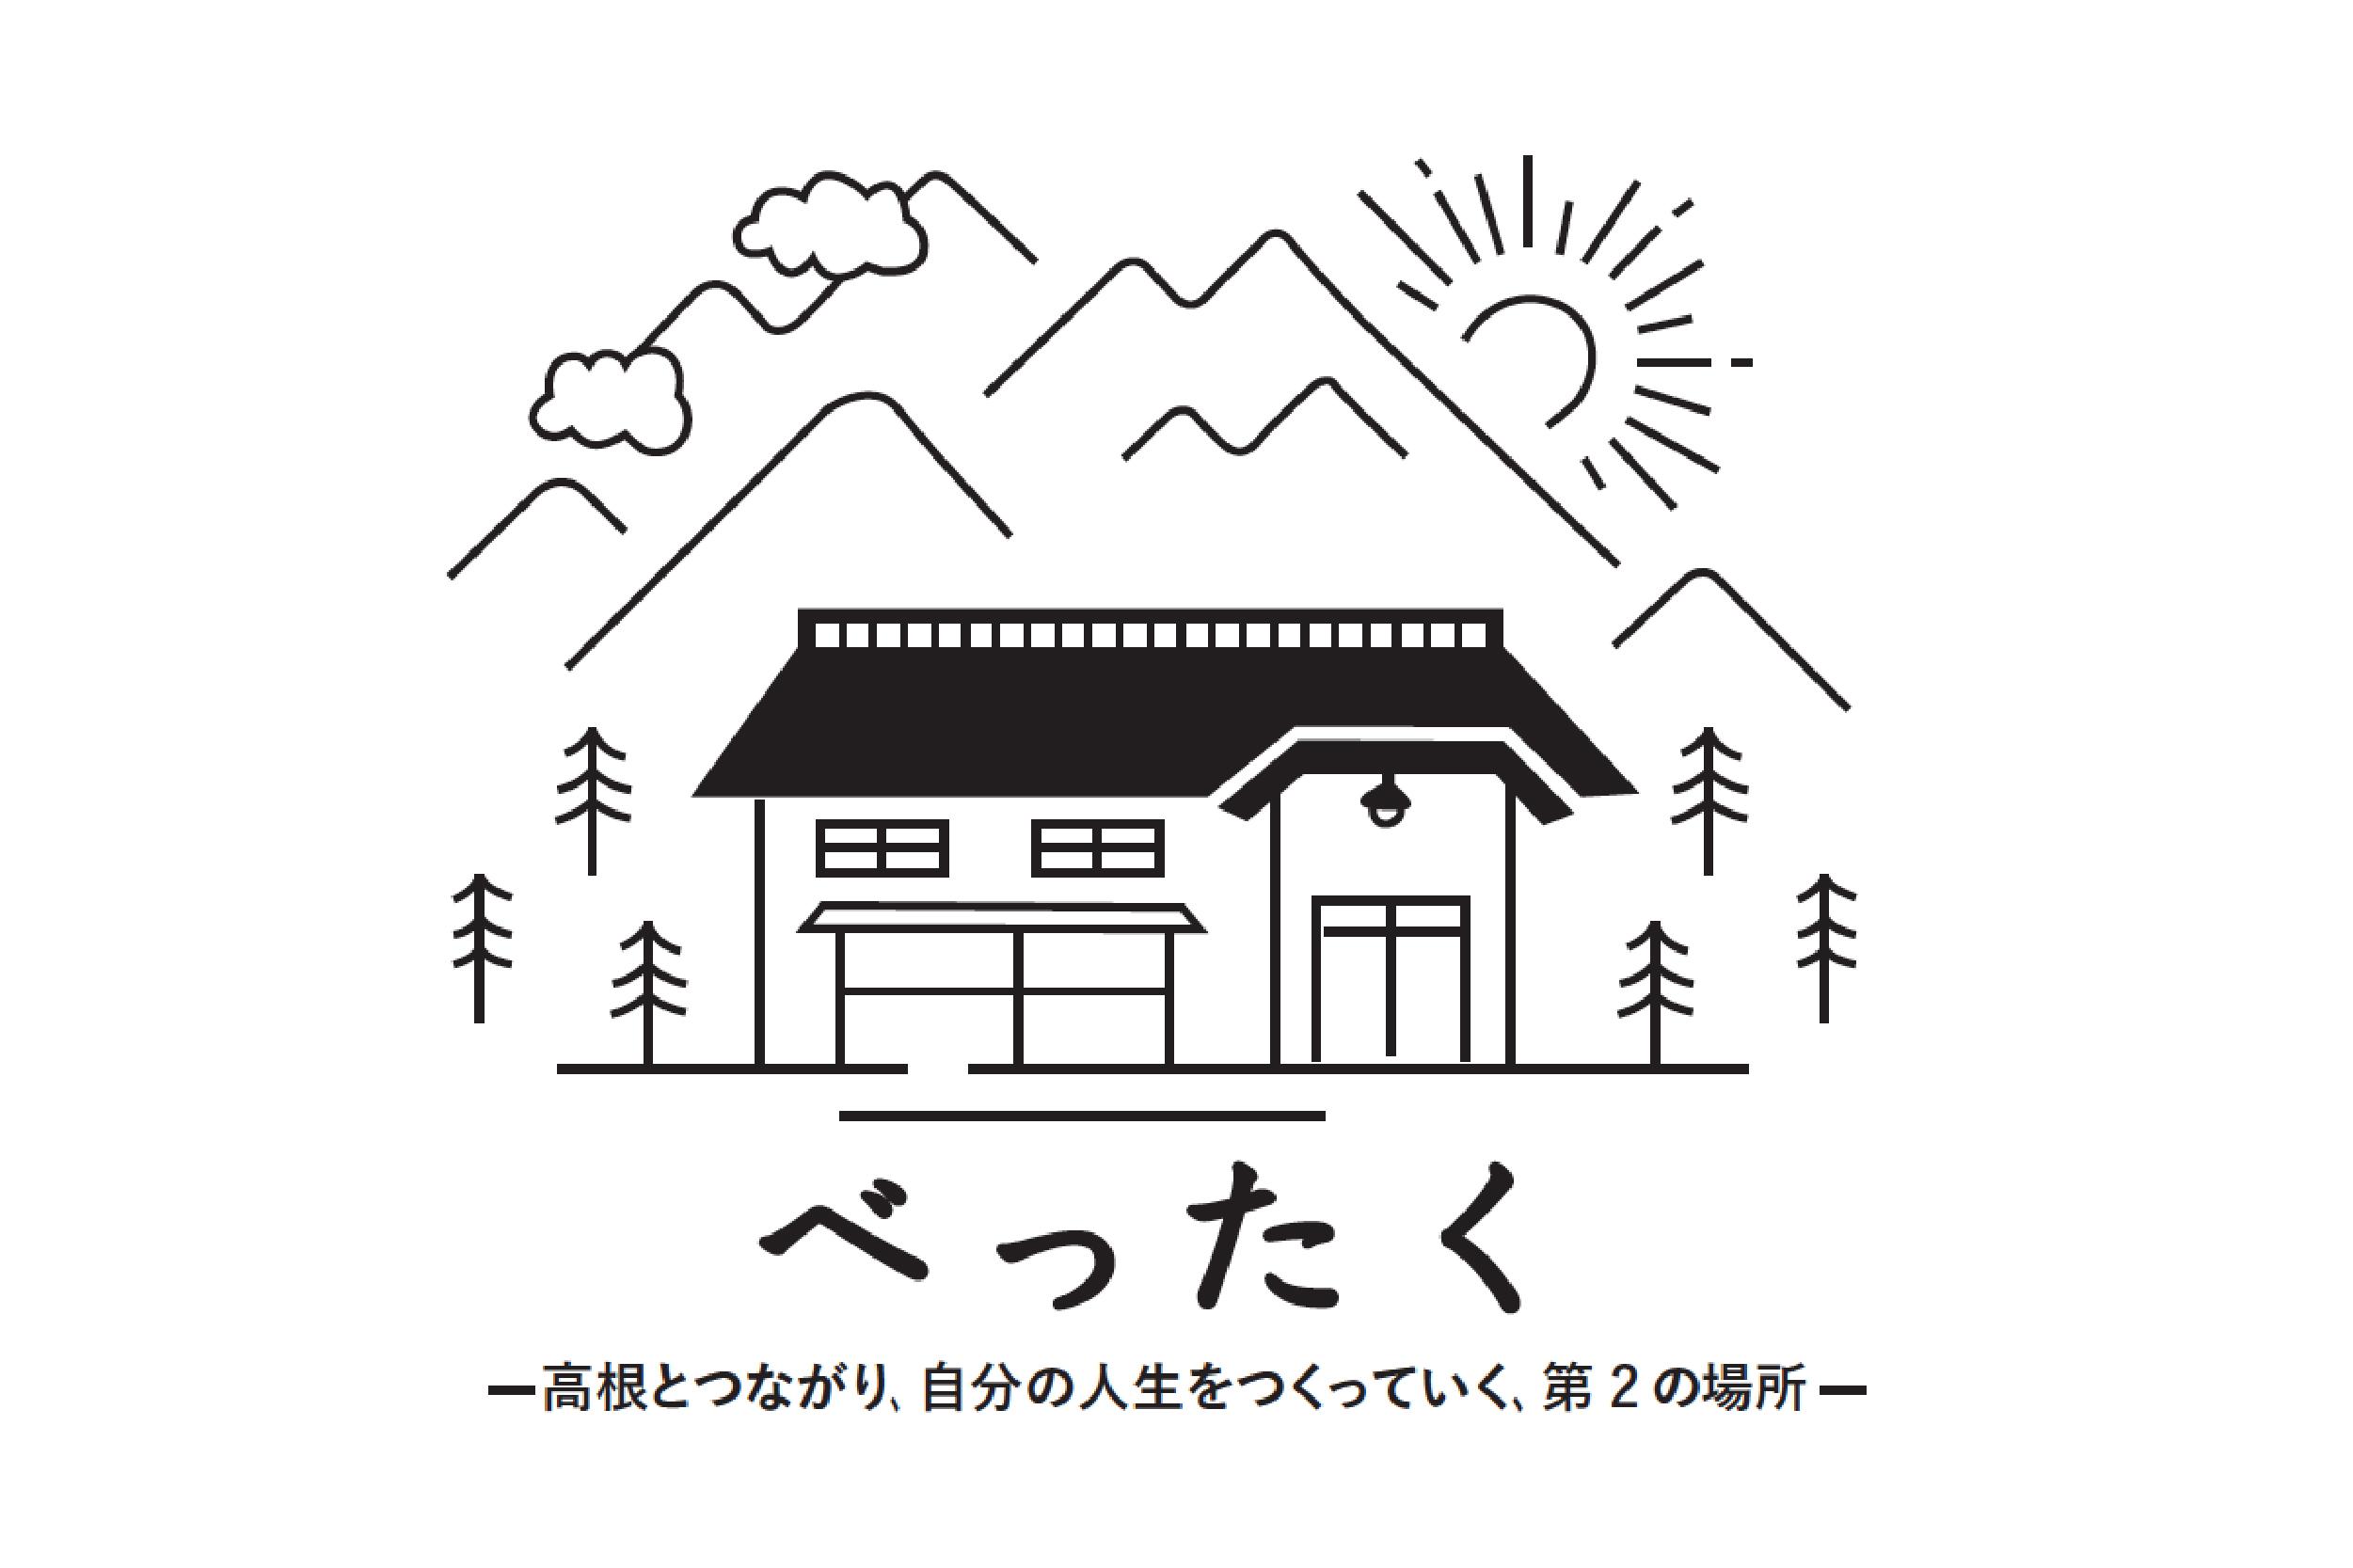 bettaku_アートボード 1